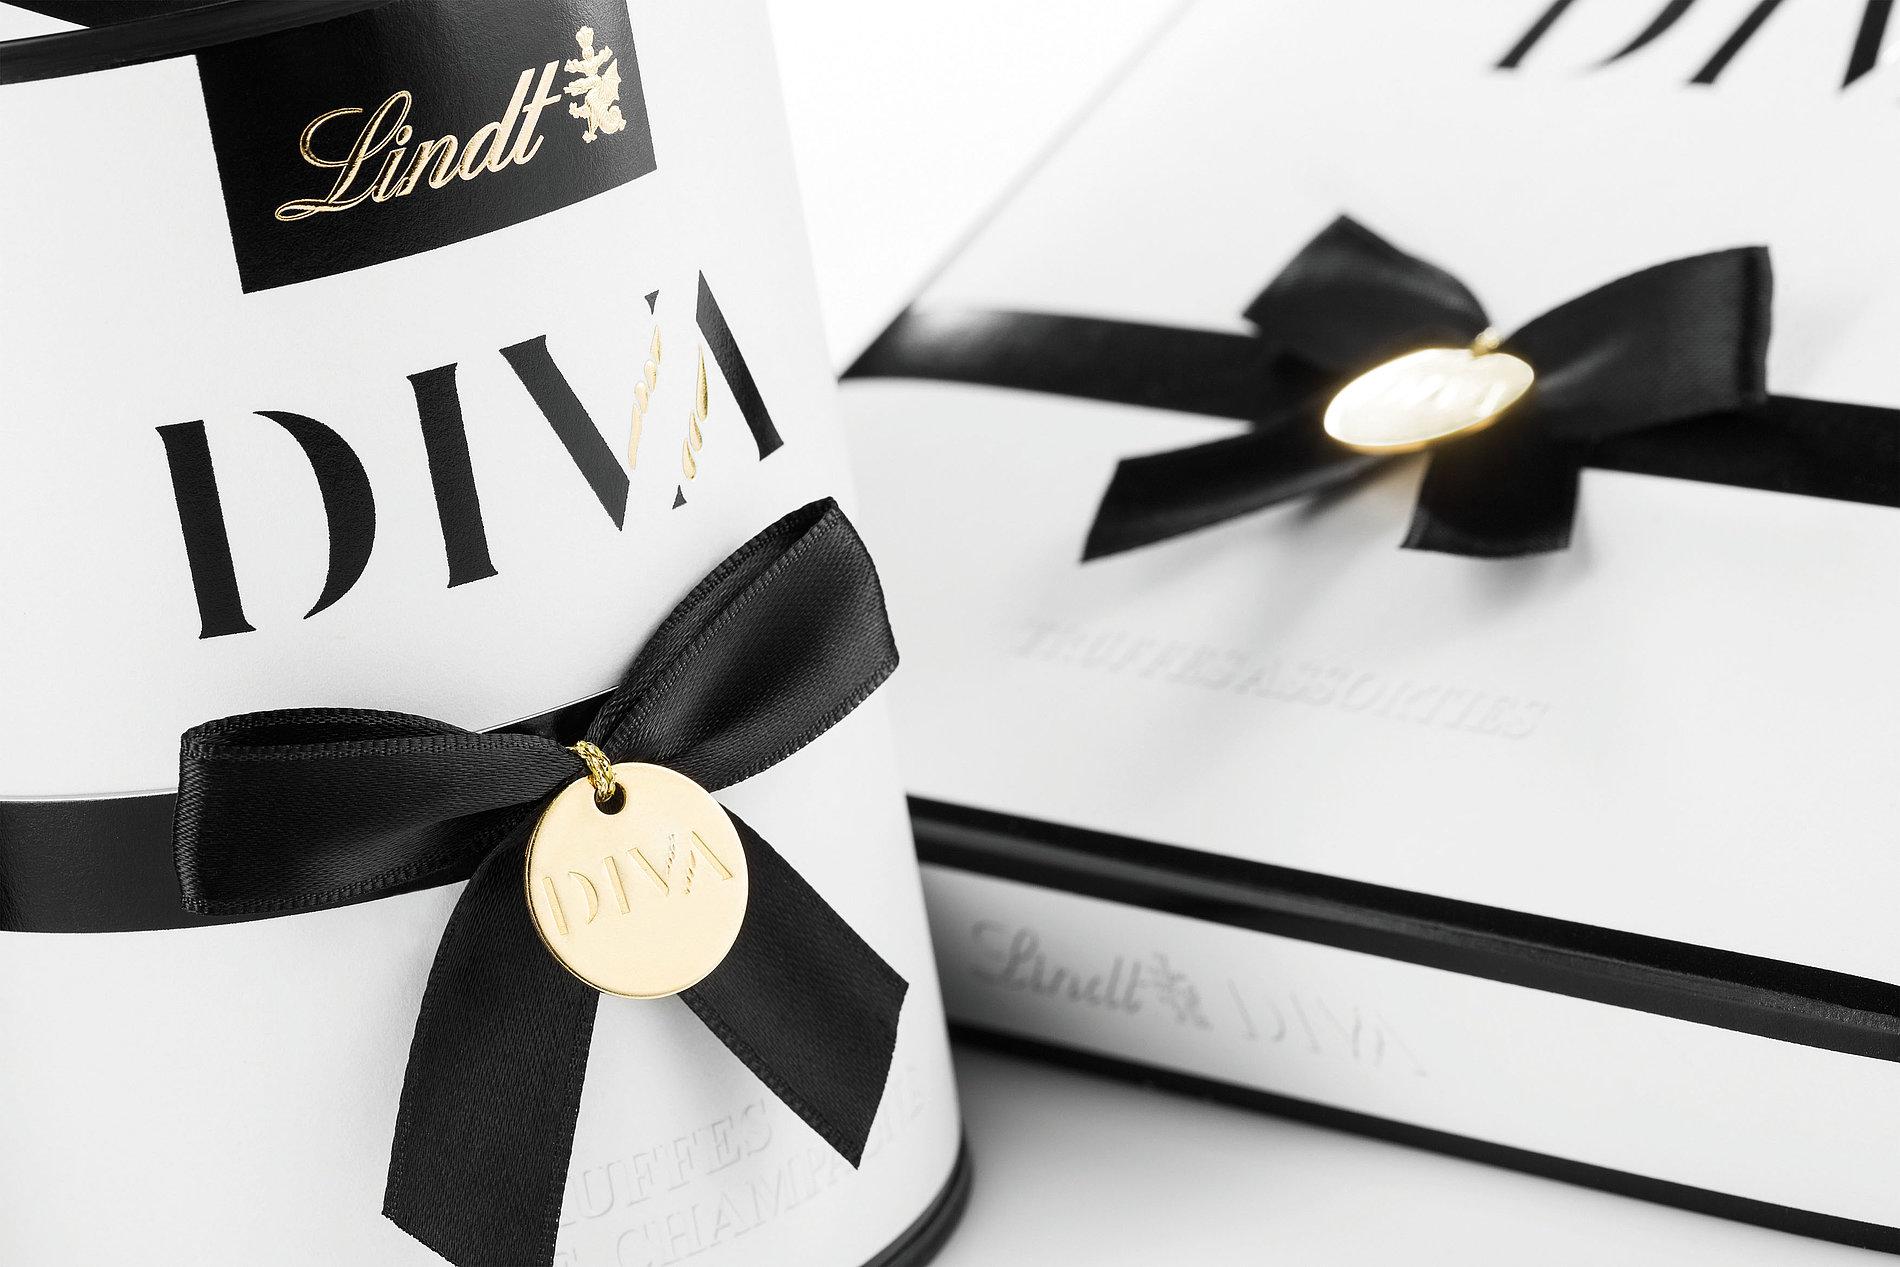 Lindt DIVA | Red Dot Design Award